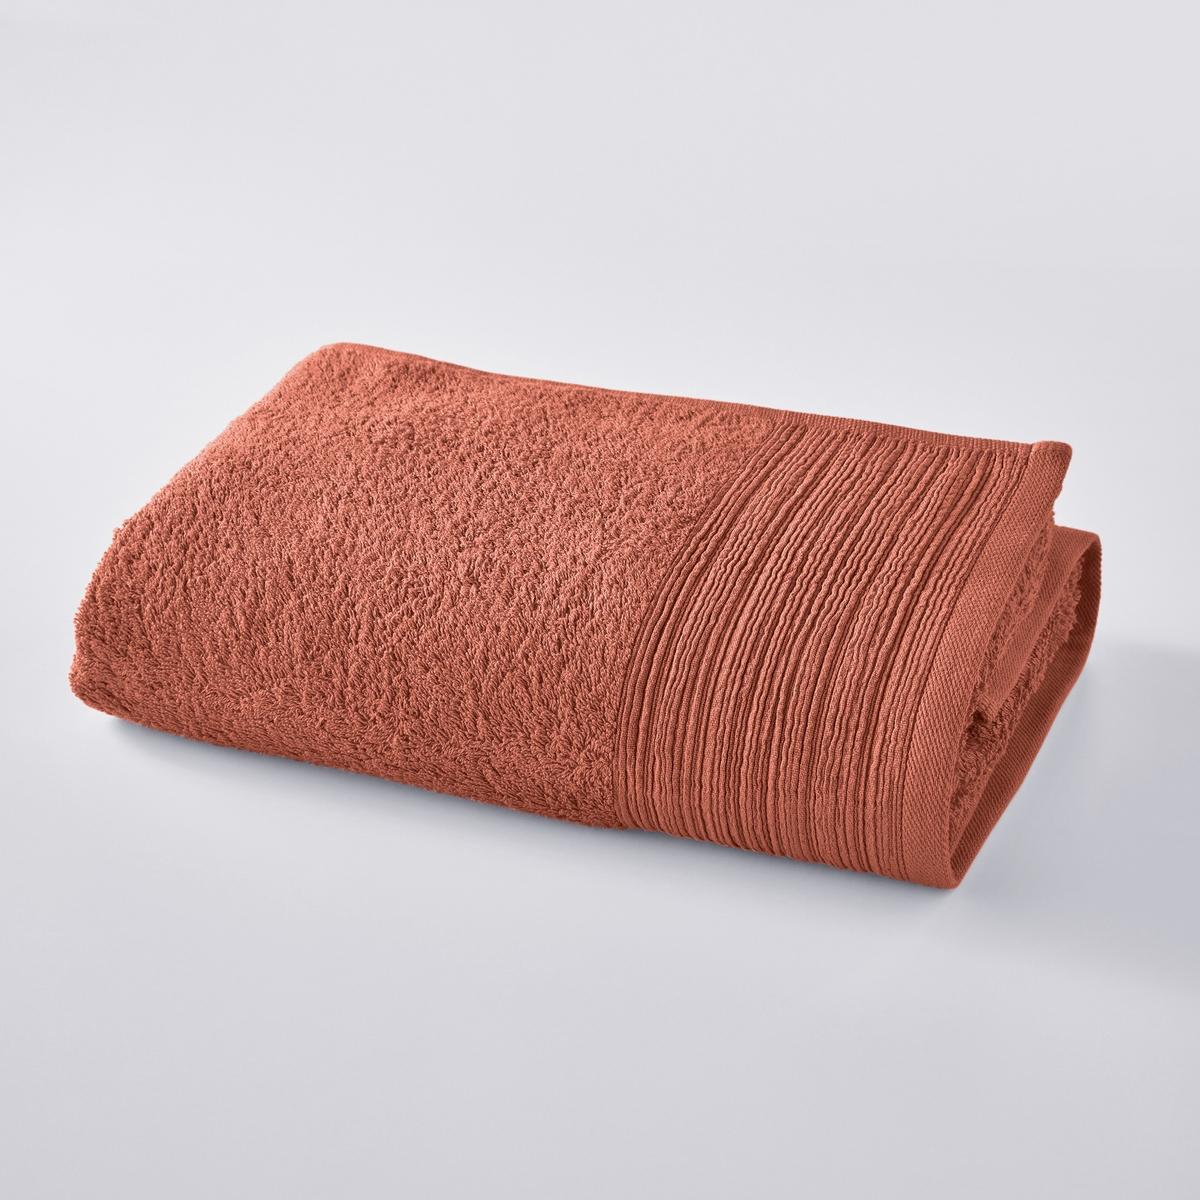 Полотенце однотонное махровое из био-хлопкаХарактеристики полотенца однотонного из био-хлопка:- Махровое петлями, 100% хлопок биологический (500 г/м?) великолепного качества.- бработка краёв плиссе.Стирка при 60°.- Машинная стирка.- Мягкость в течение длительного времени, особая прочность, великолепно сохраняется цвет после стирок.- Размеры: 70 x 140 см.Знак Oeko-Tex® гарантирует, что товары протестированы и сертифицированы, не содержат вредных для здоровья веществ.<br><br>Цвет: терракота